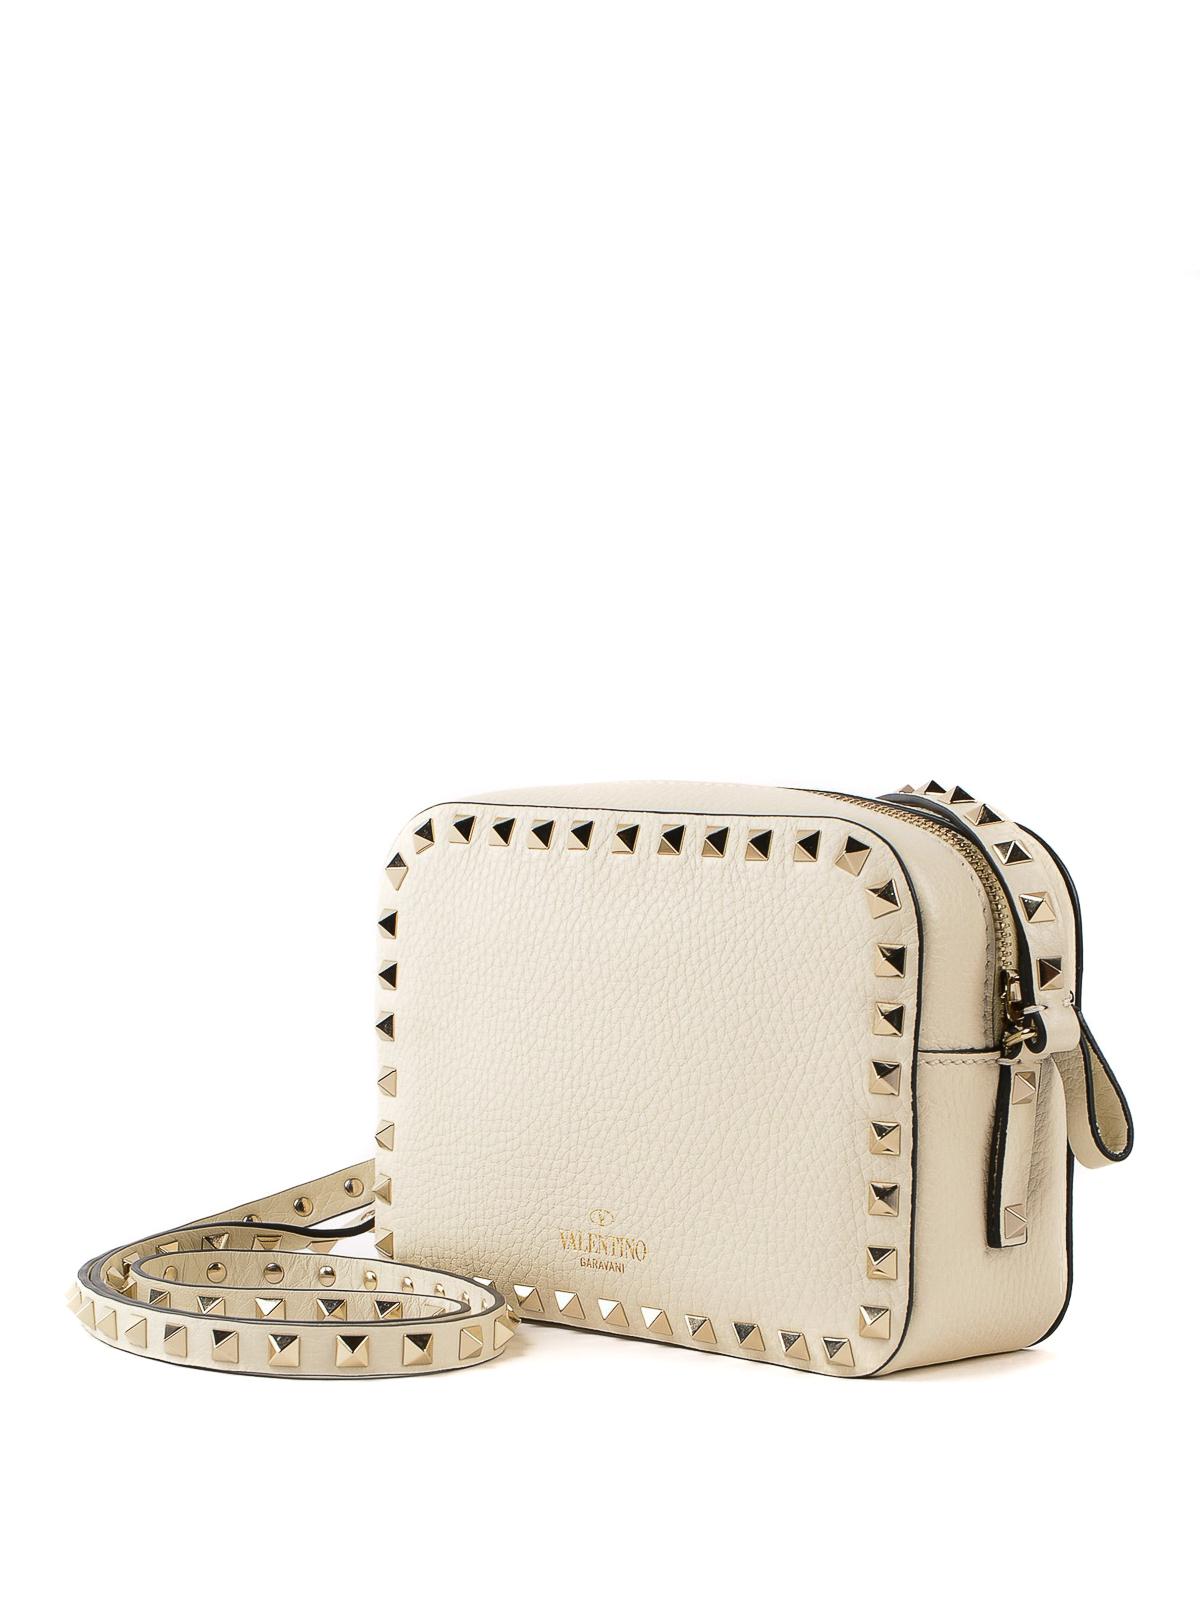 36ba5050f267 iKRIX VALENTINO GARAVANI  shoulder bags - Rockstud light ivory leather  camera bag